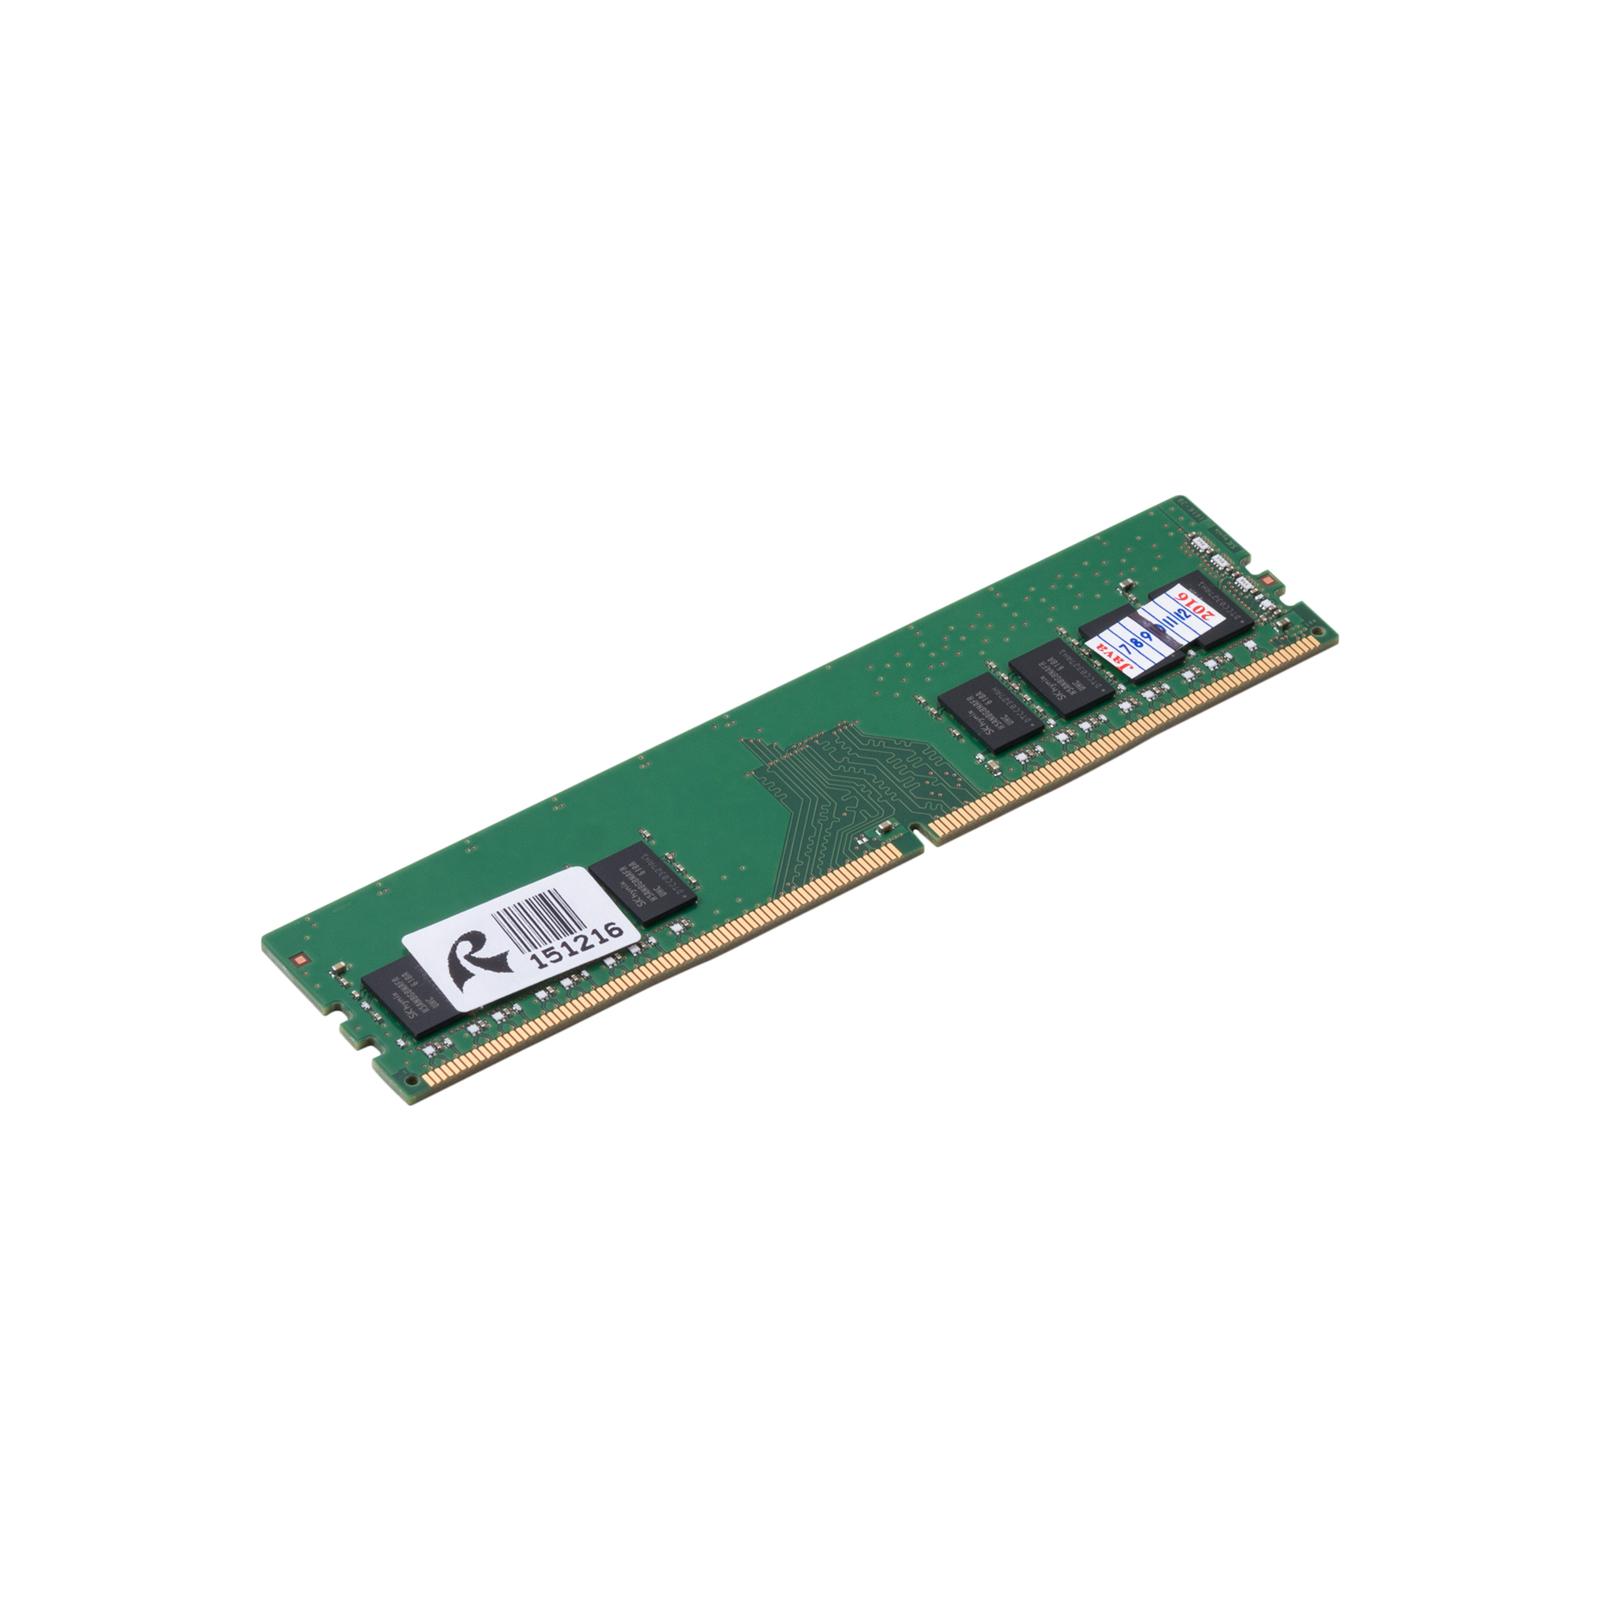 Модуль памяти для компьютера DDR4 8GB 2400 MHz Hynix (HMA81GU6AFR8N-UHN0) изображение 2